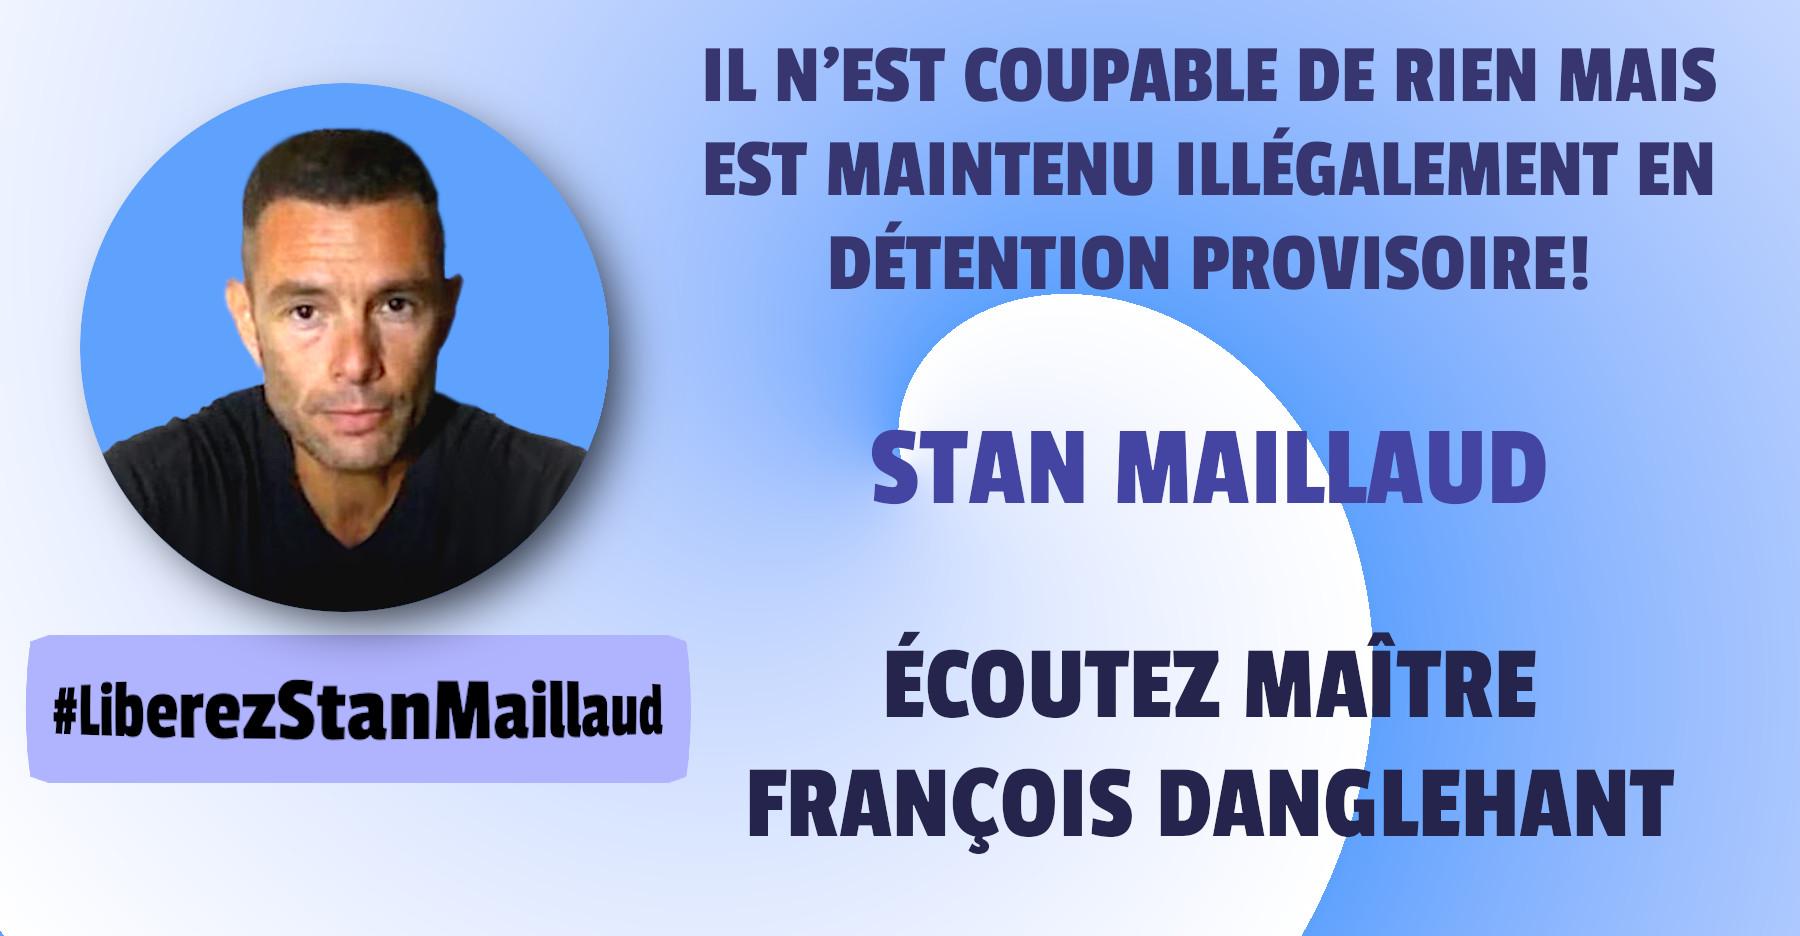 Stan Maillaud, illégalement en prison!!